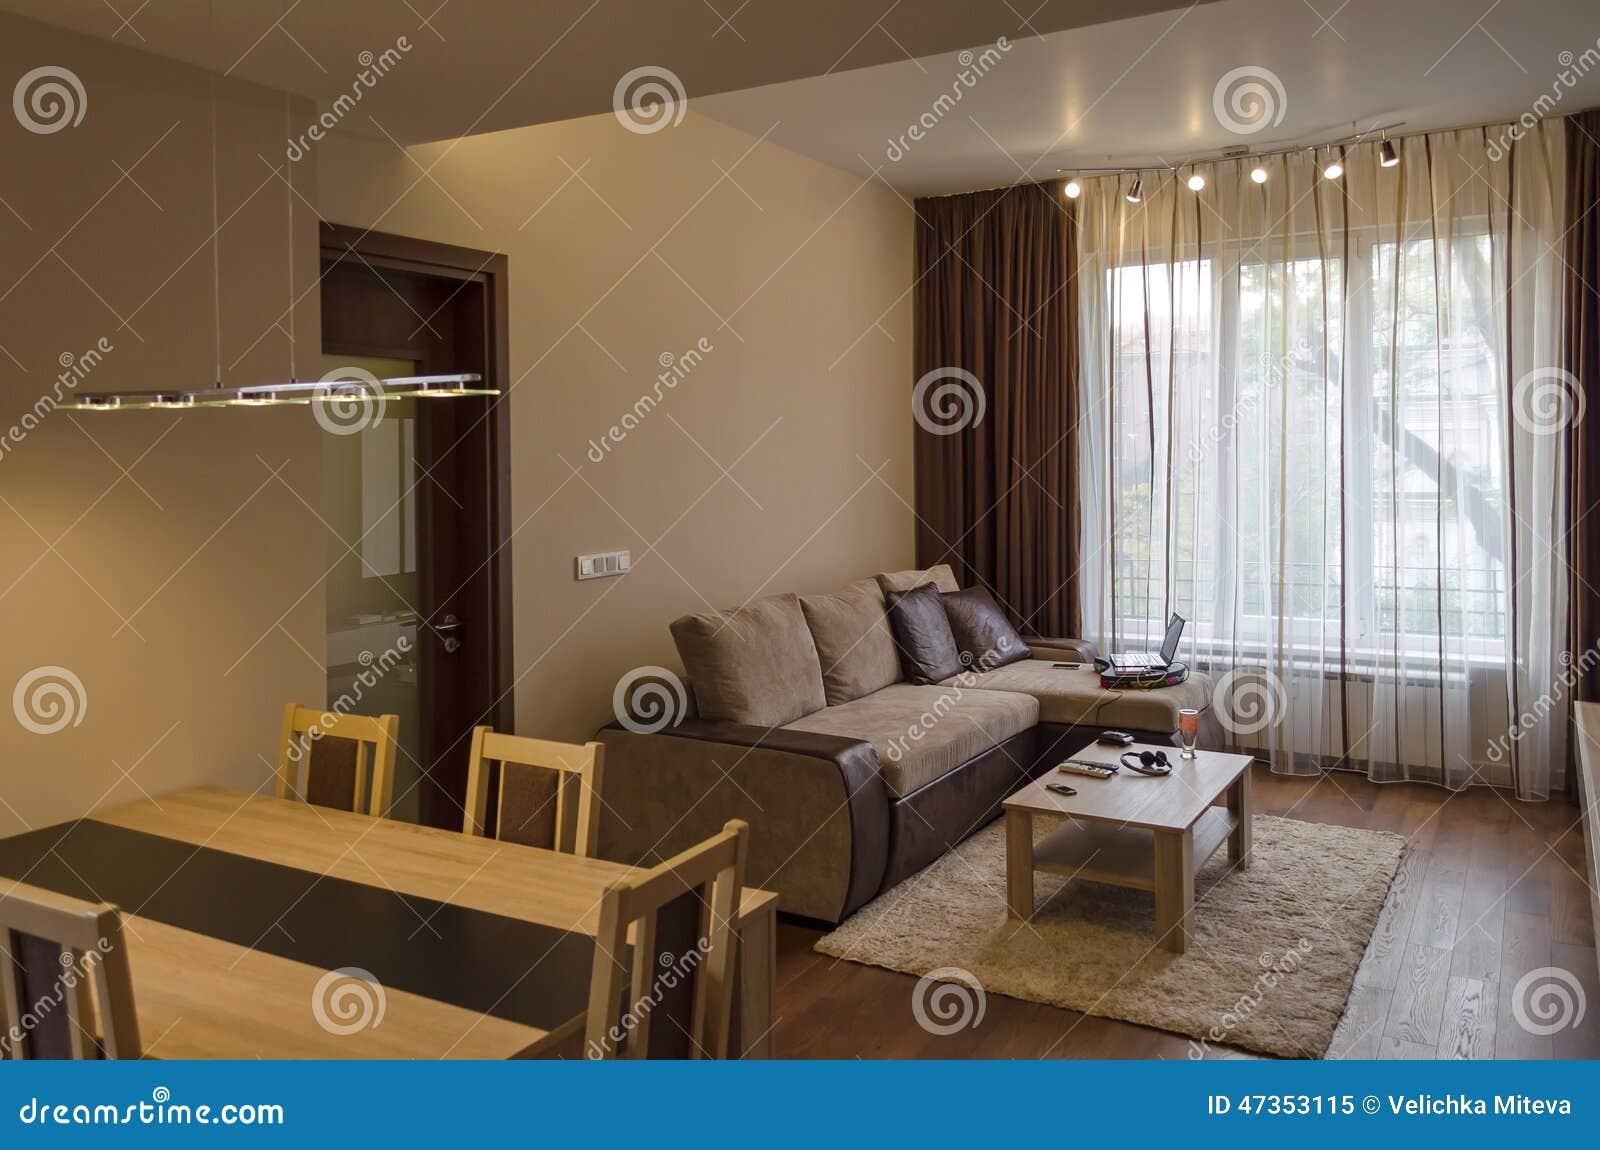 Eettafel In Woonkamer : Eettafel in woonkamer vernieuwde flat stock afbeelding